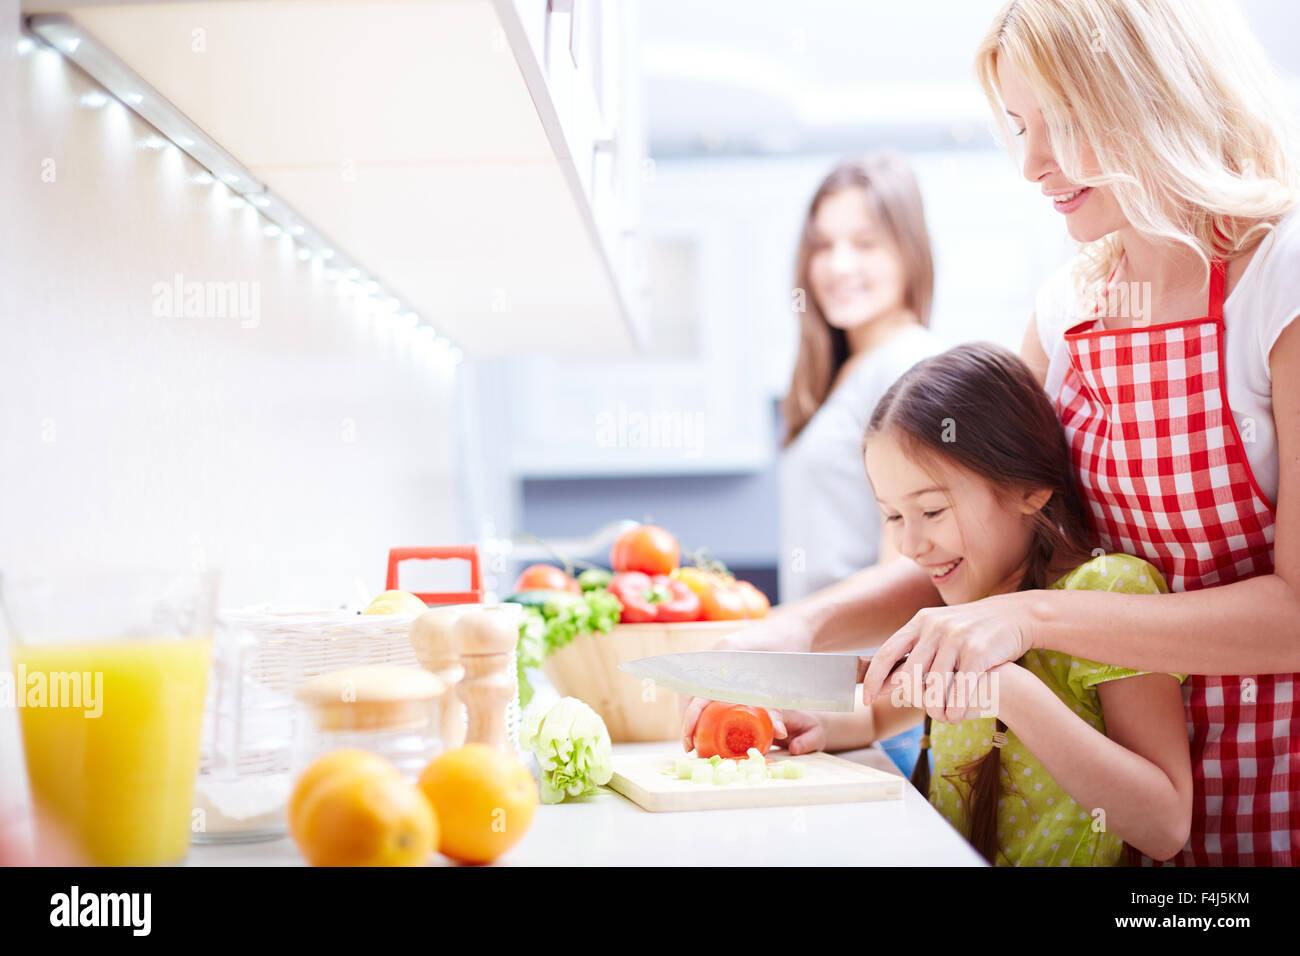 Mujer joven que ayudaba a su hija tomate picado en la cocina Foto de stock